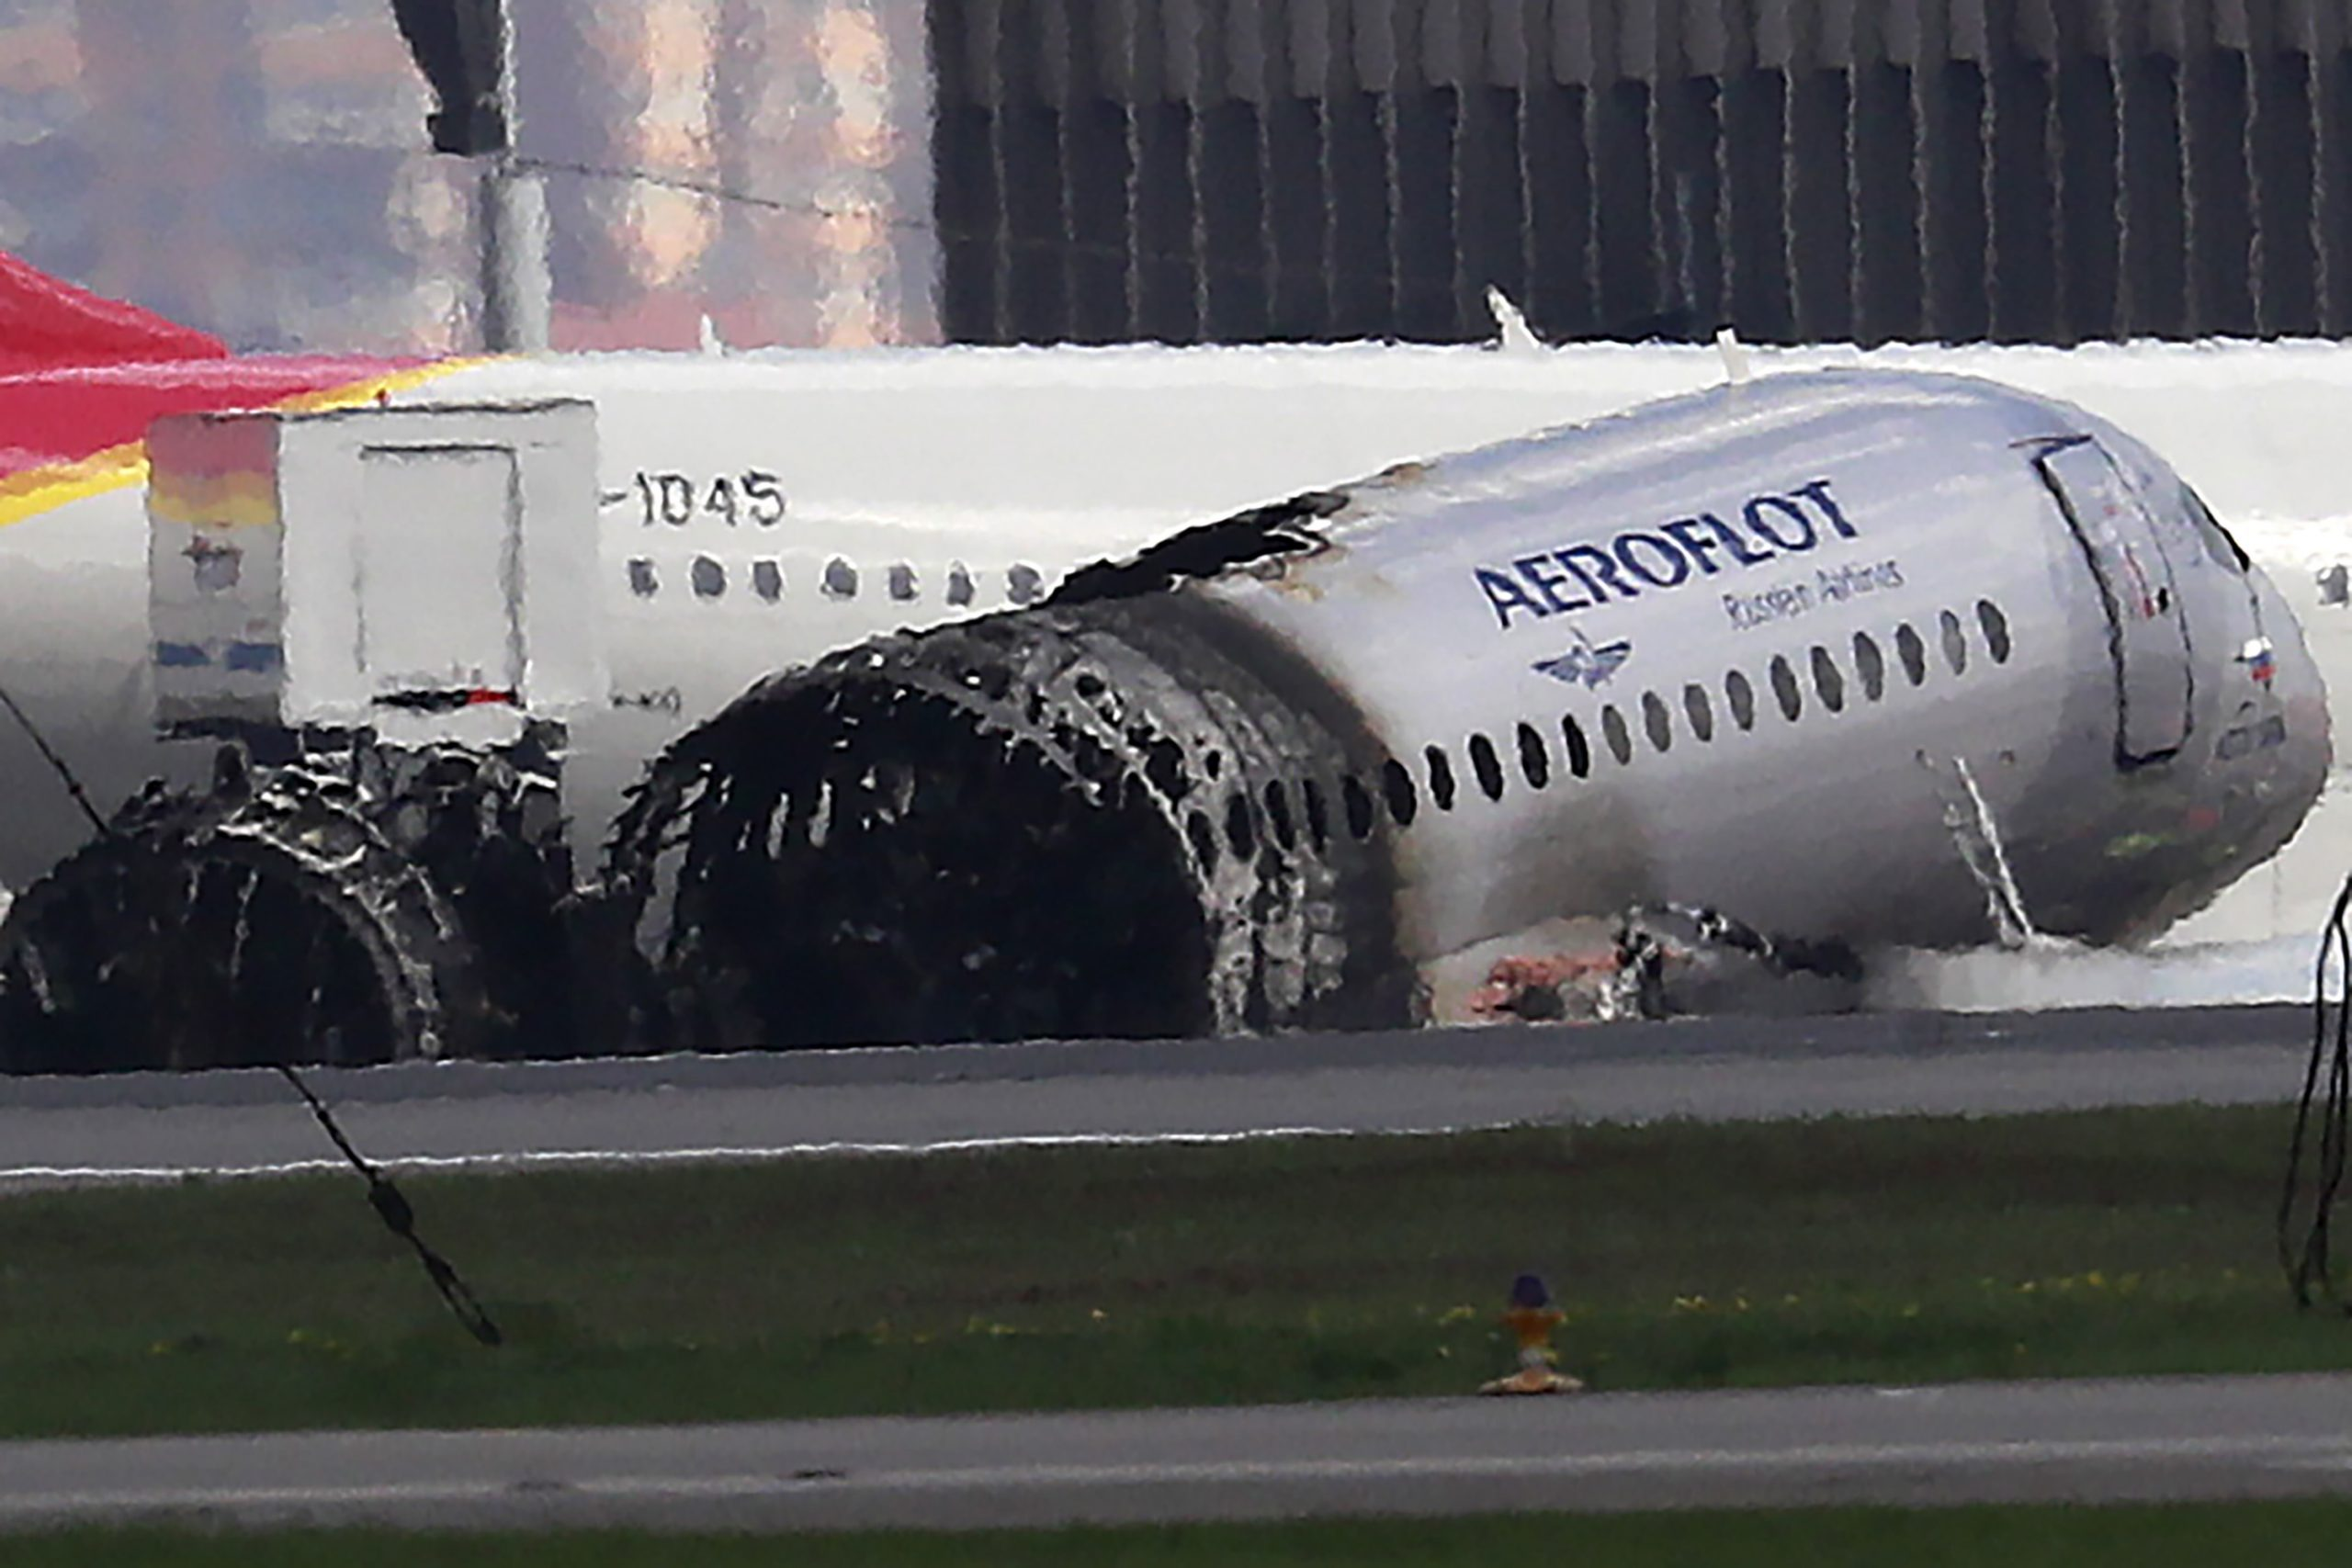 «Открытые медиа» с помощью лётчиков и авиаэкспертов разбирают странности авиакатастрофы в «Шереметьево» 5 мая